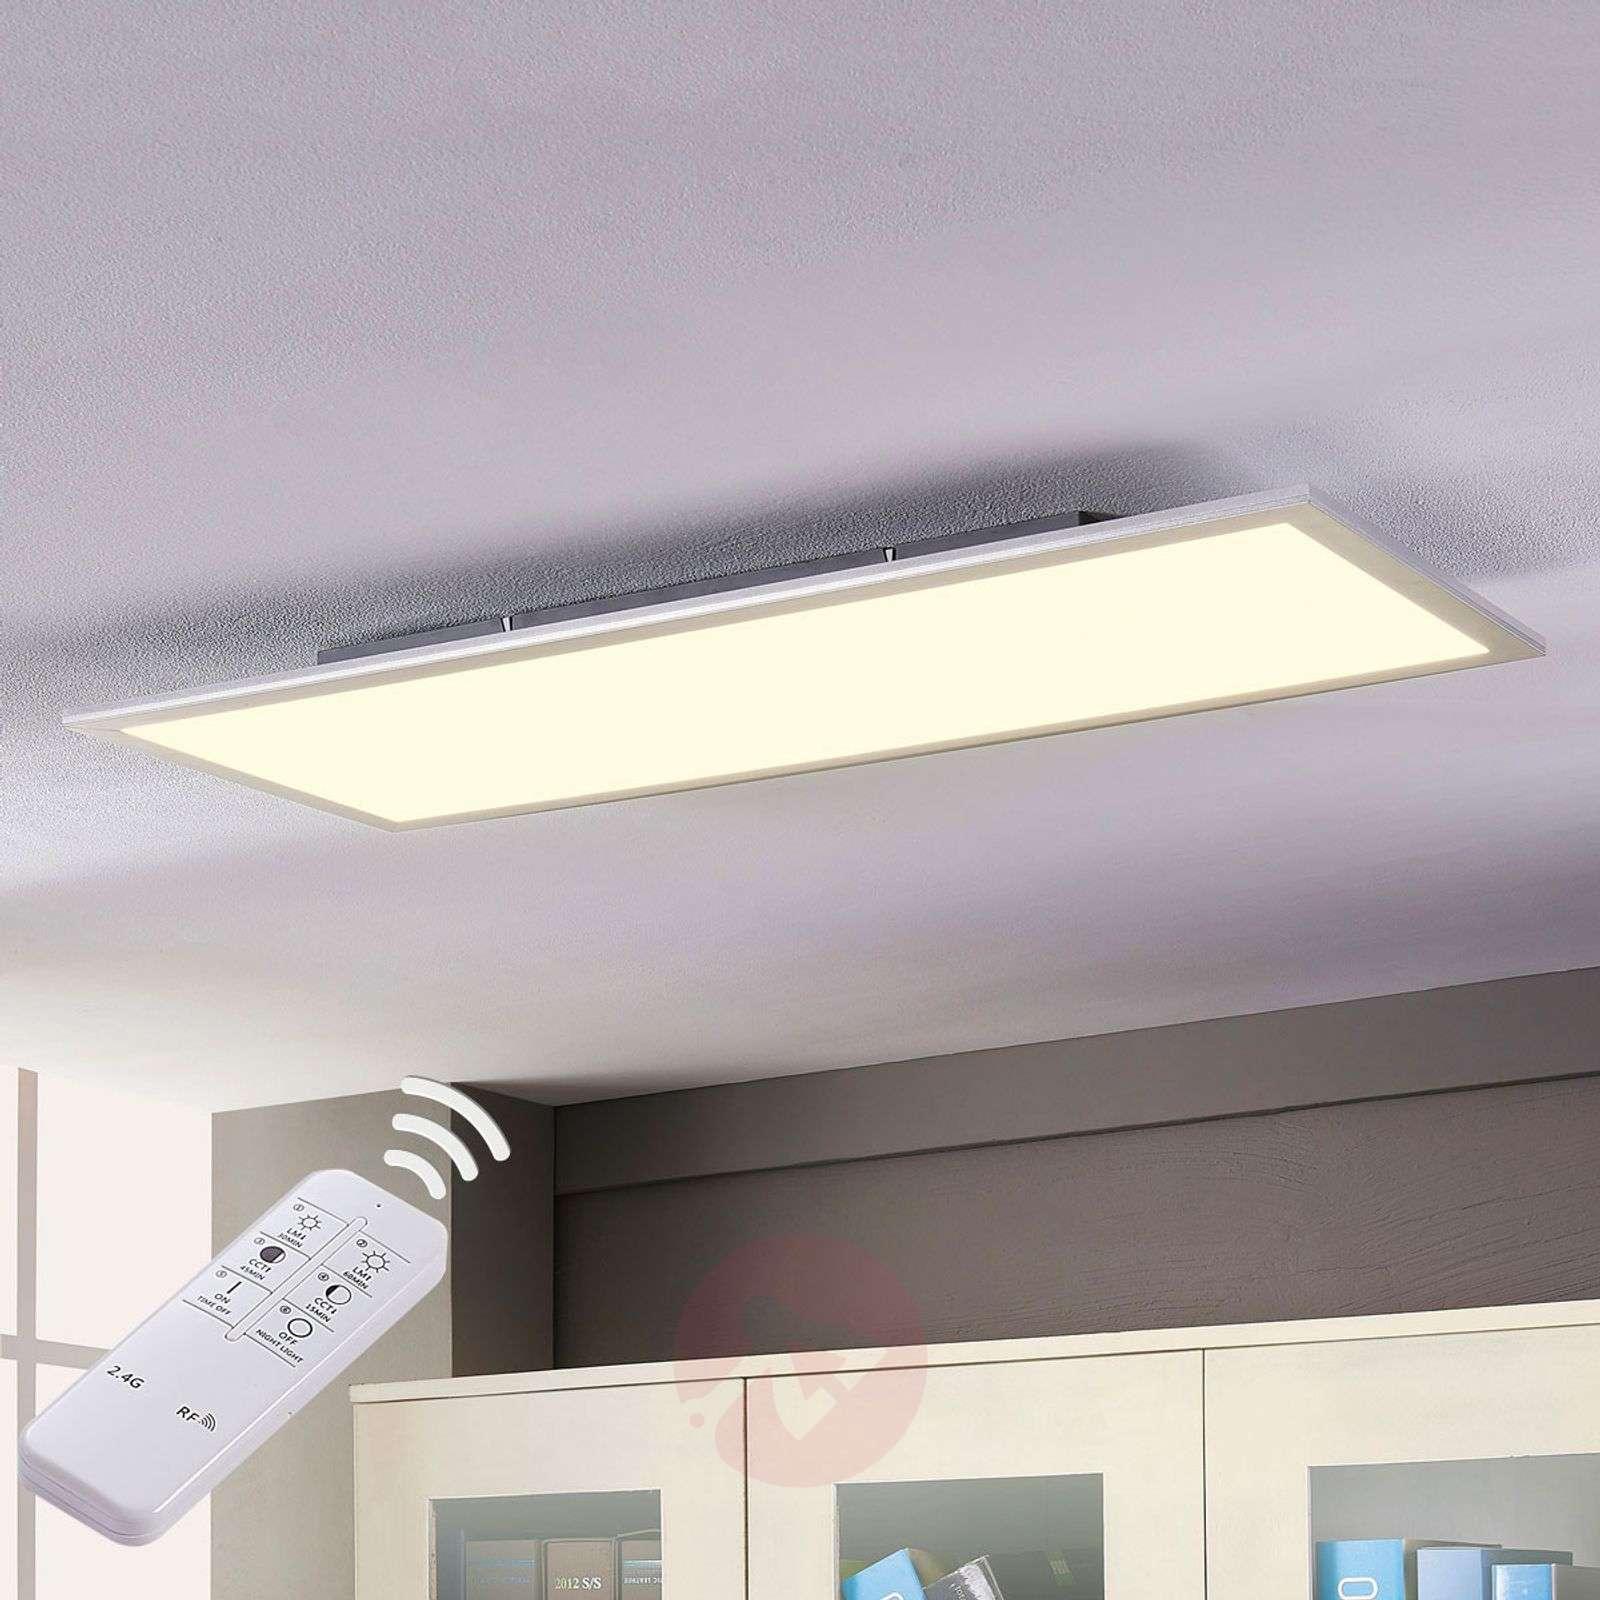 Himmennettävä LED-paneeli Livel kaukosäätimellä-9956008-01